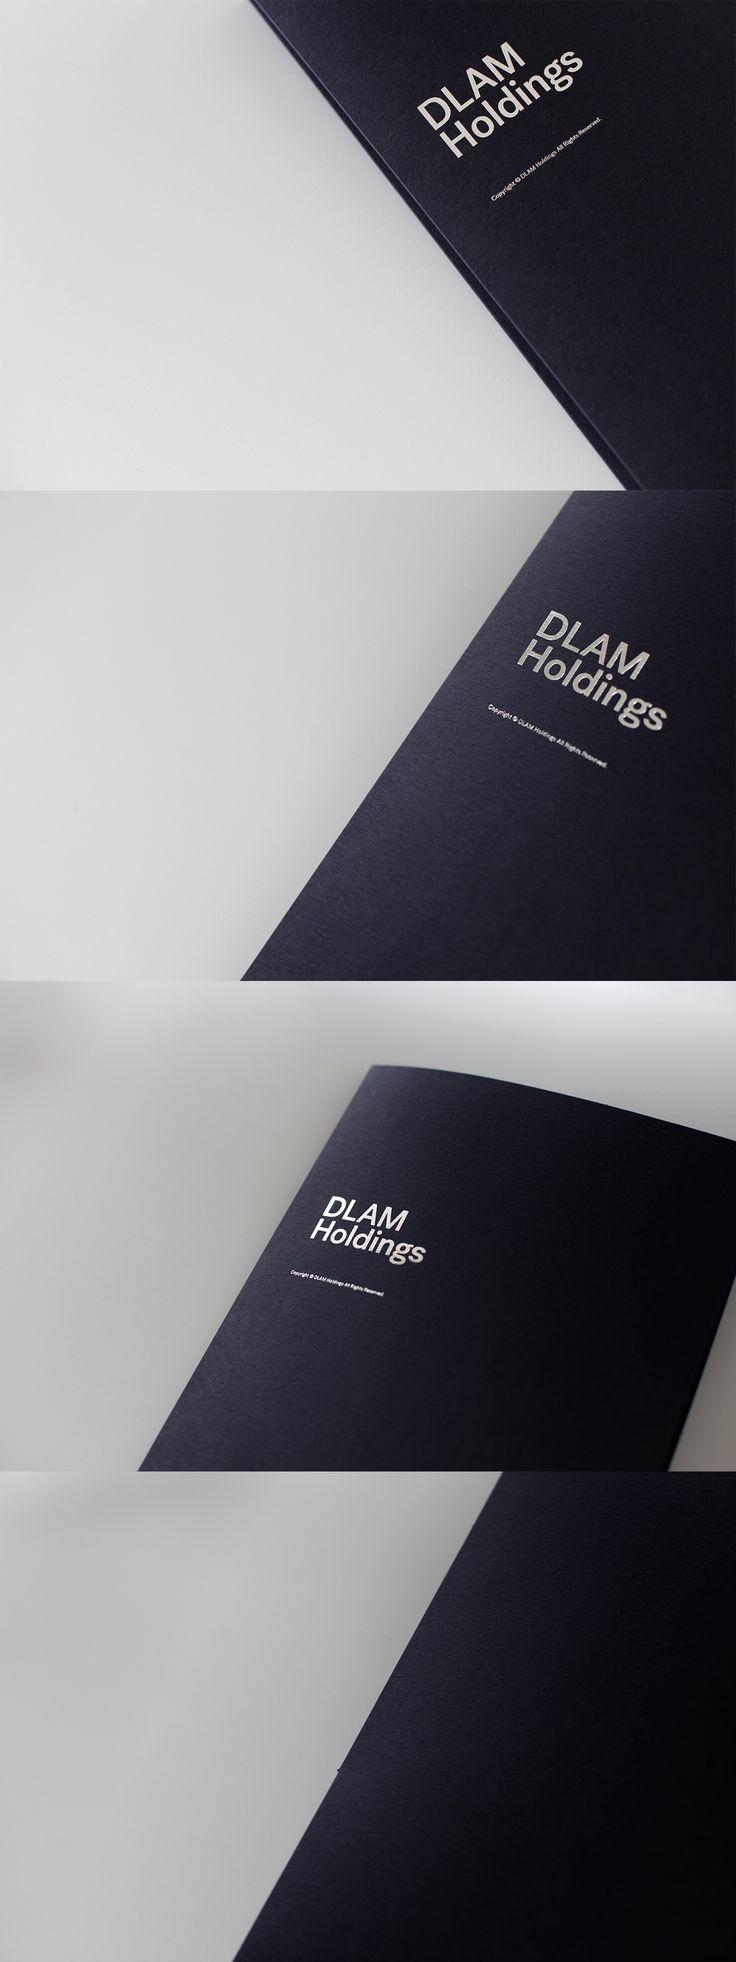 Pocket Folder Design for DLAM Holdings